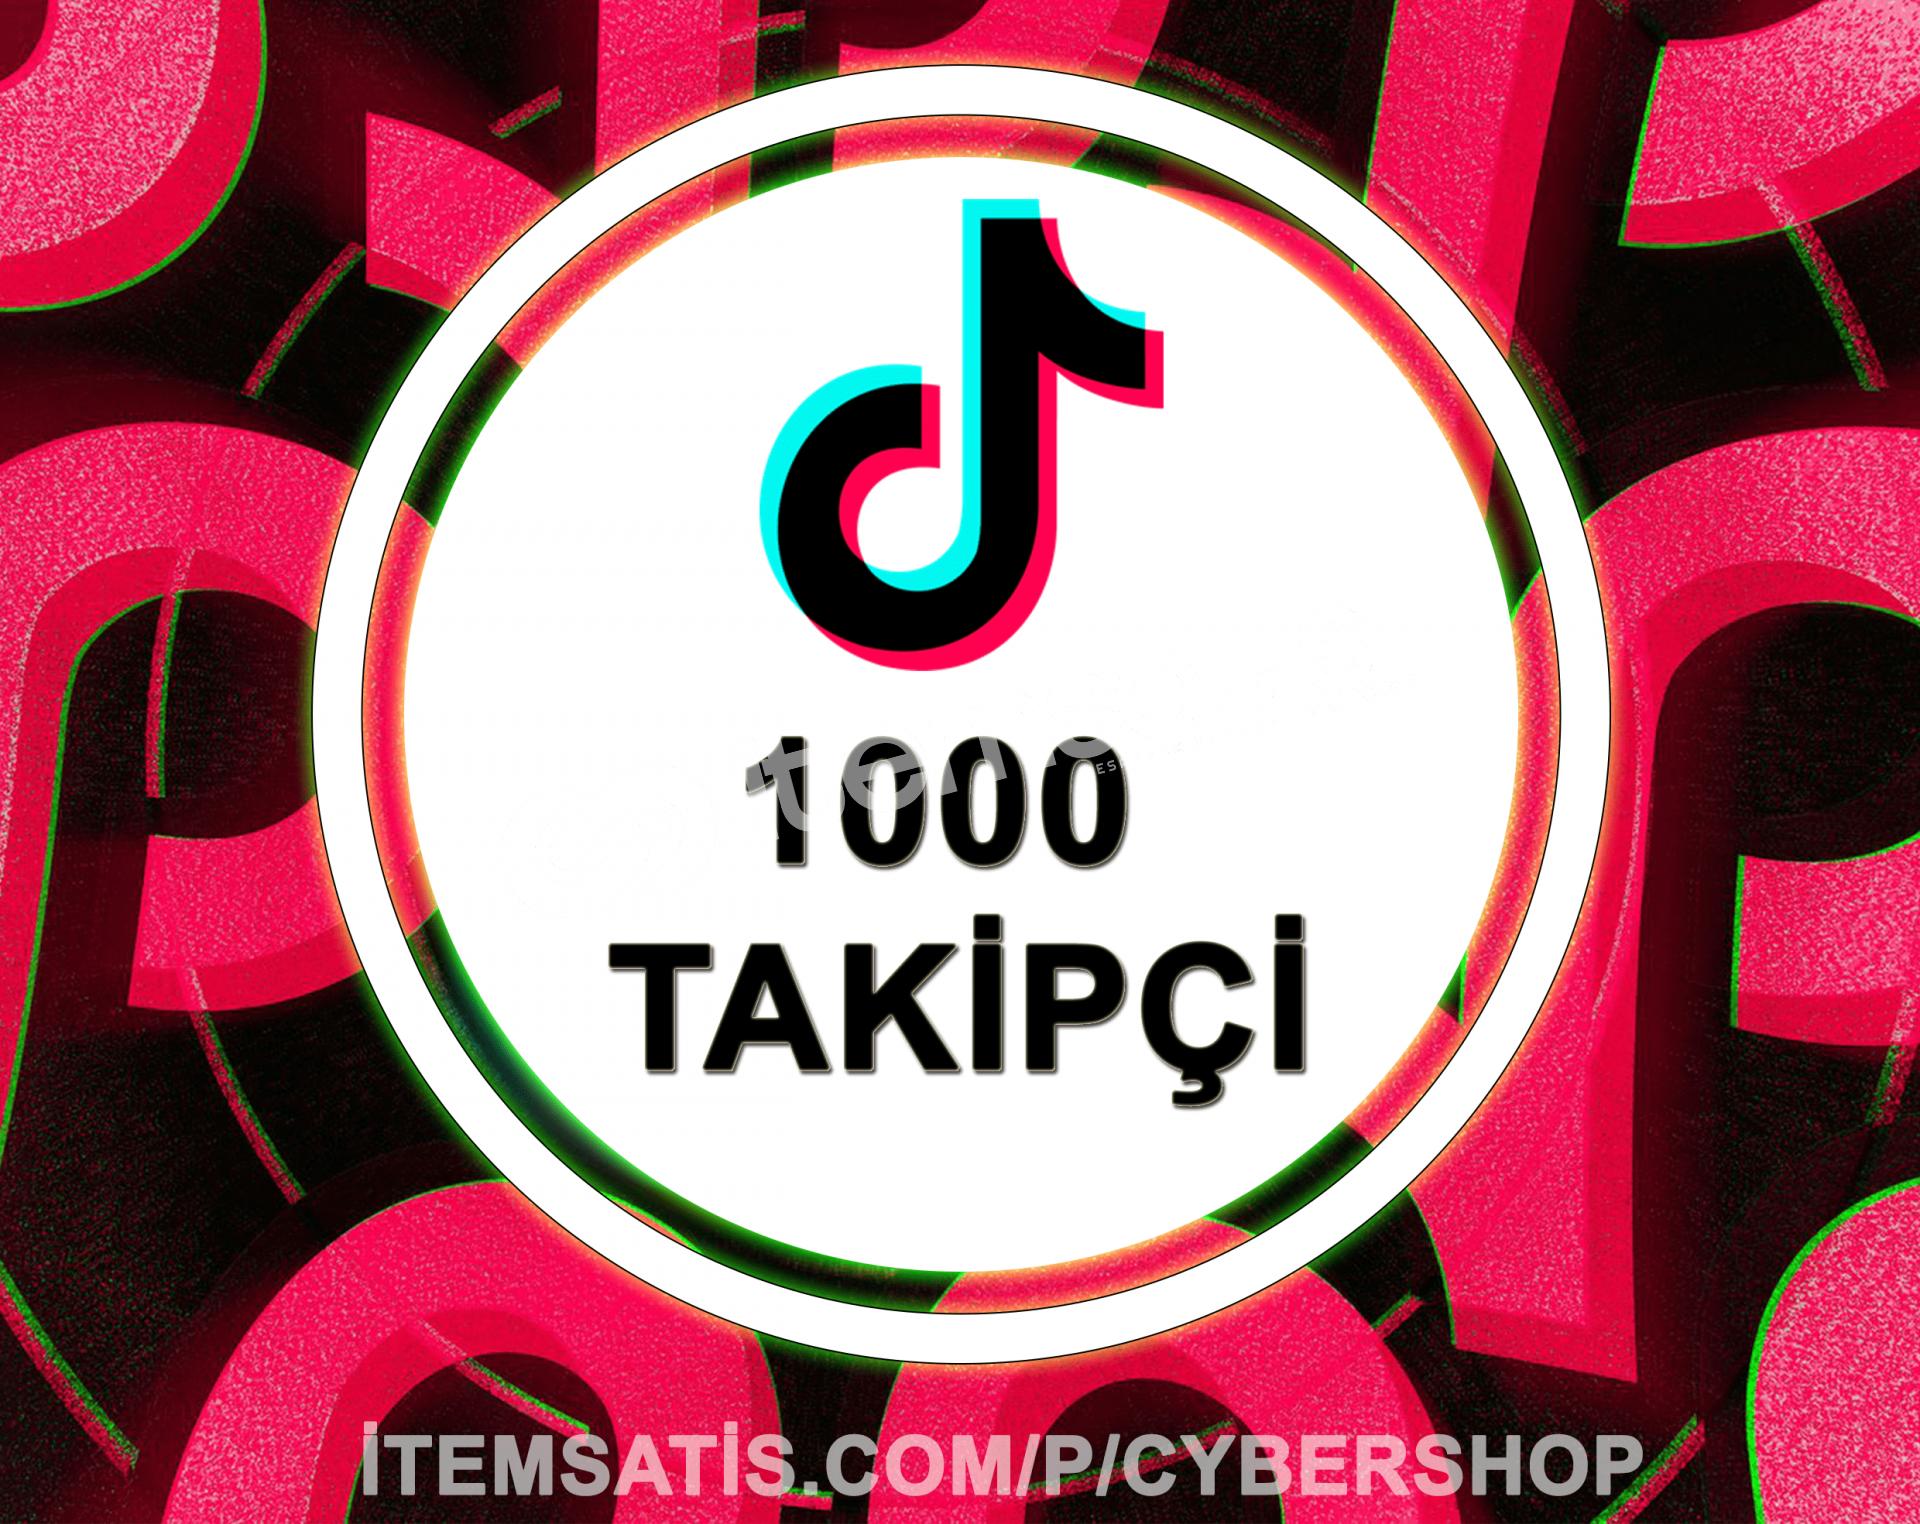 TikTok 1000 Takipçi Paketi (%10 İndirim)